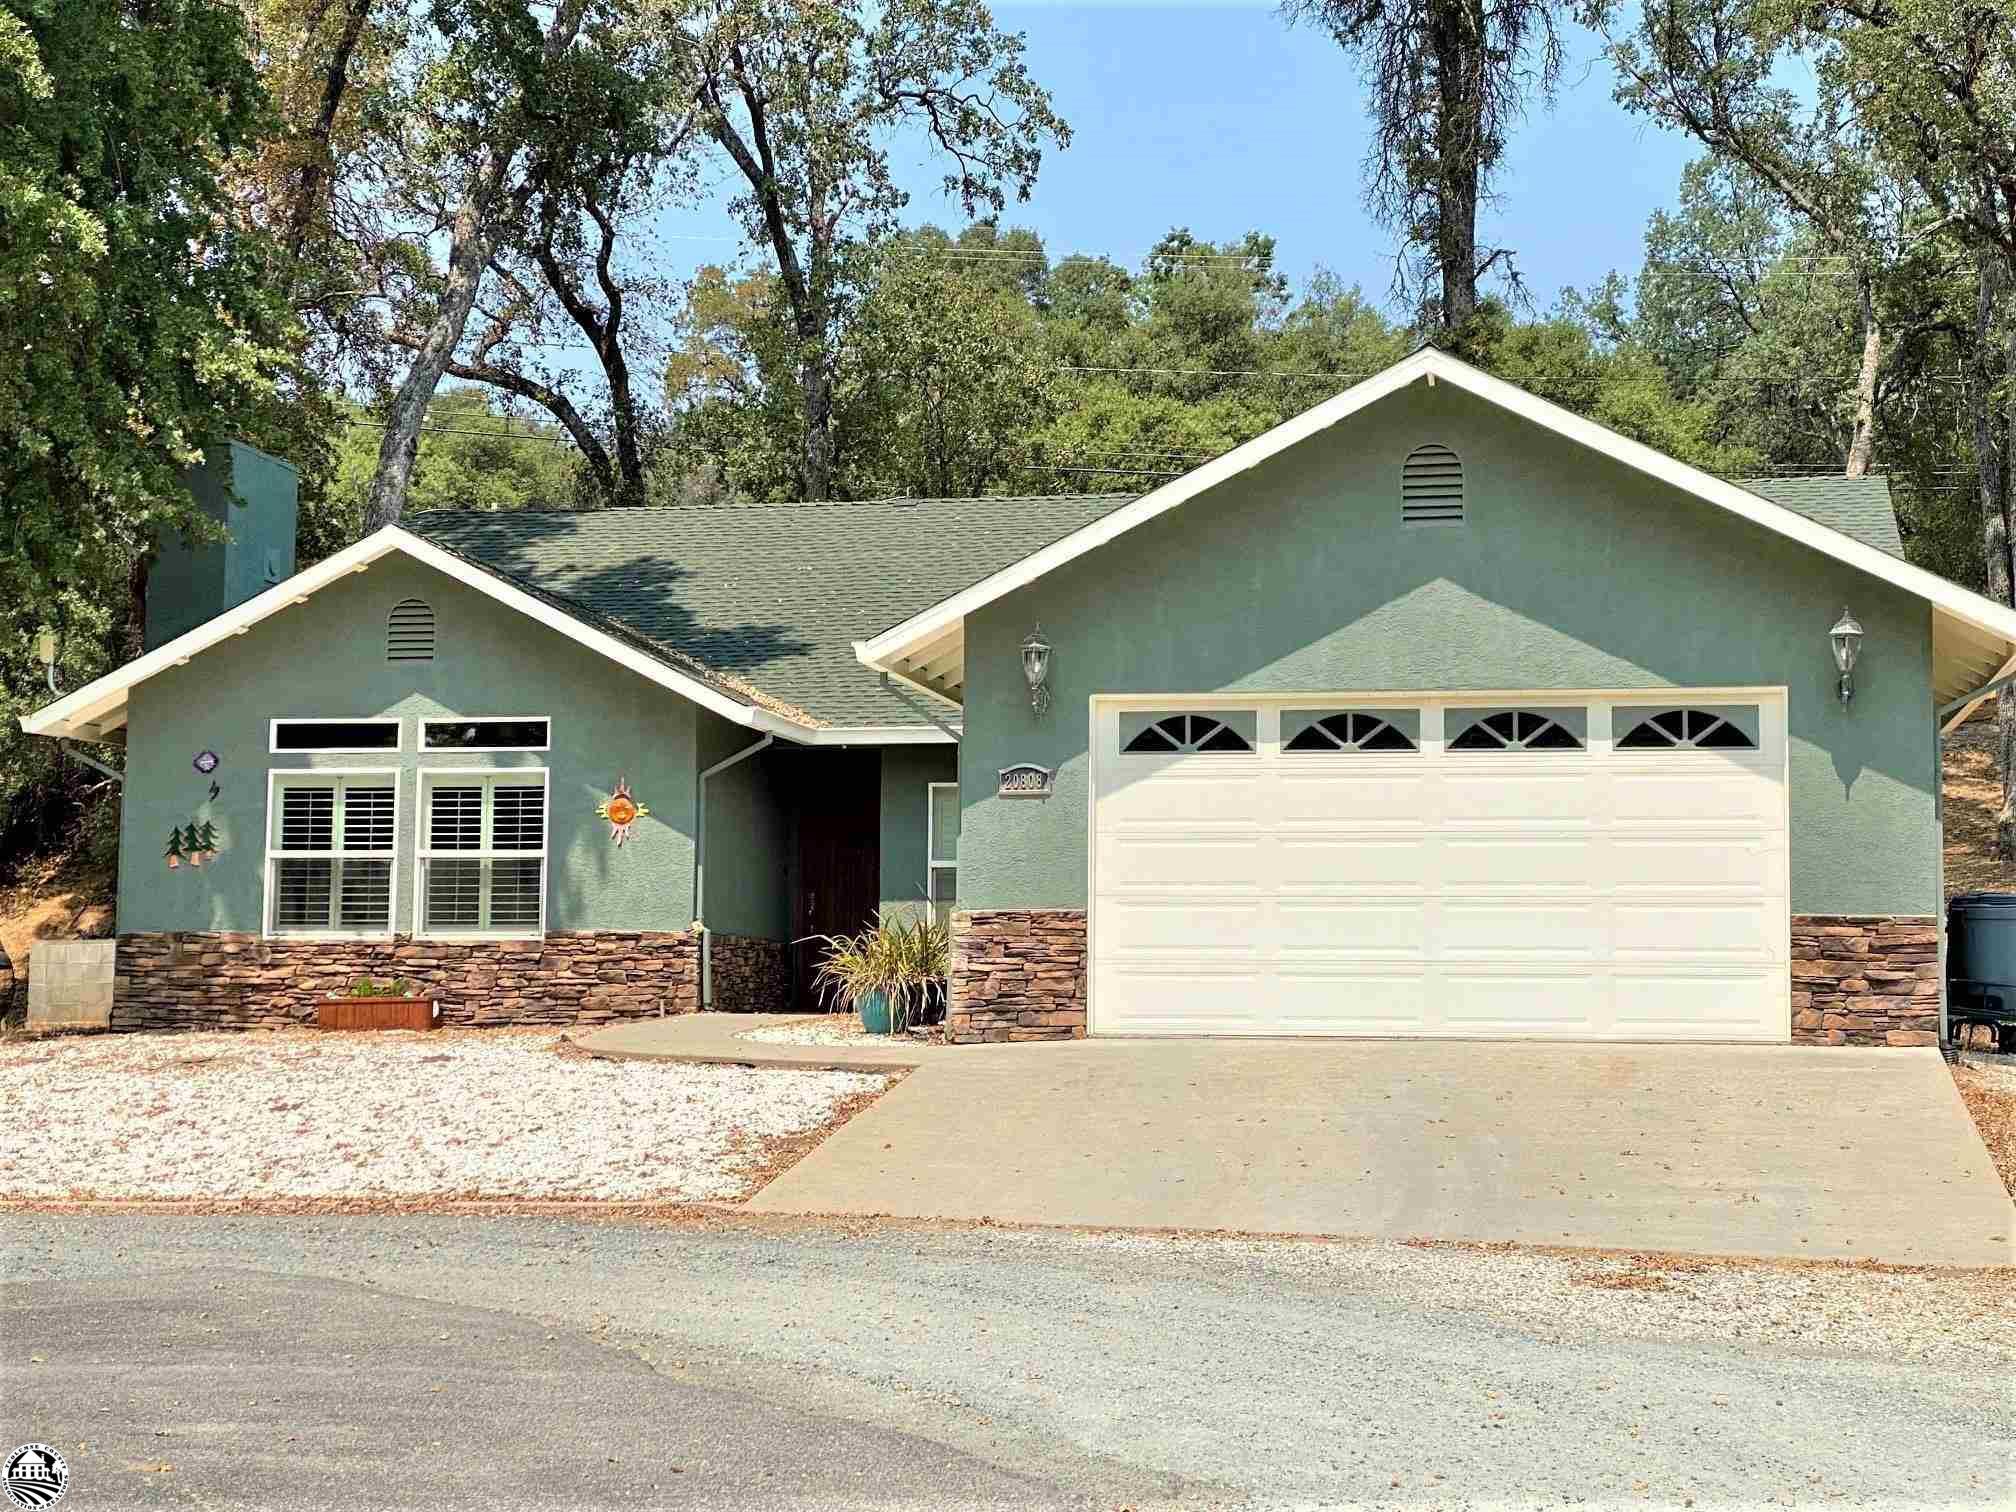 20808 Crest Pine Easement, Groveland, CA 95321